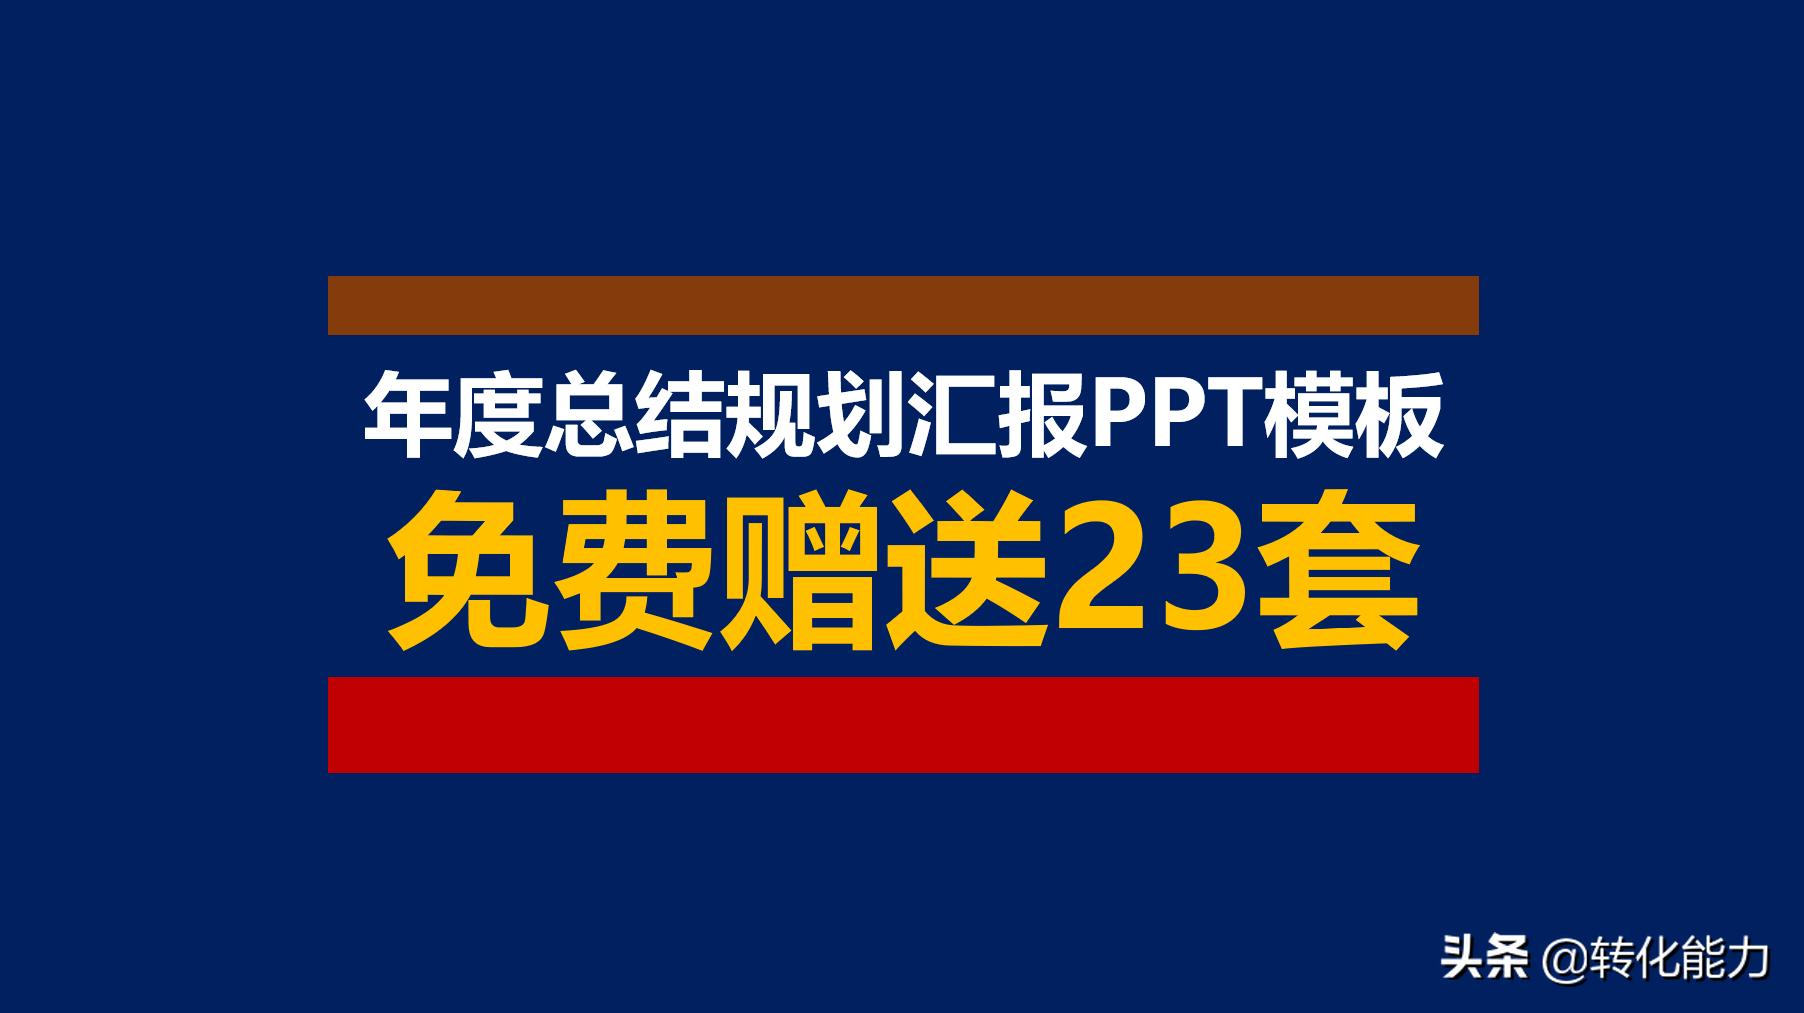 年度总结和年度规划汇报PPT怎么写,精选23套最新PPT模板免费分享